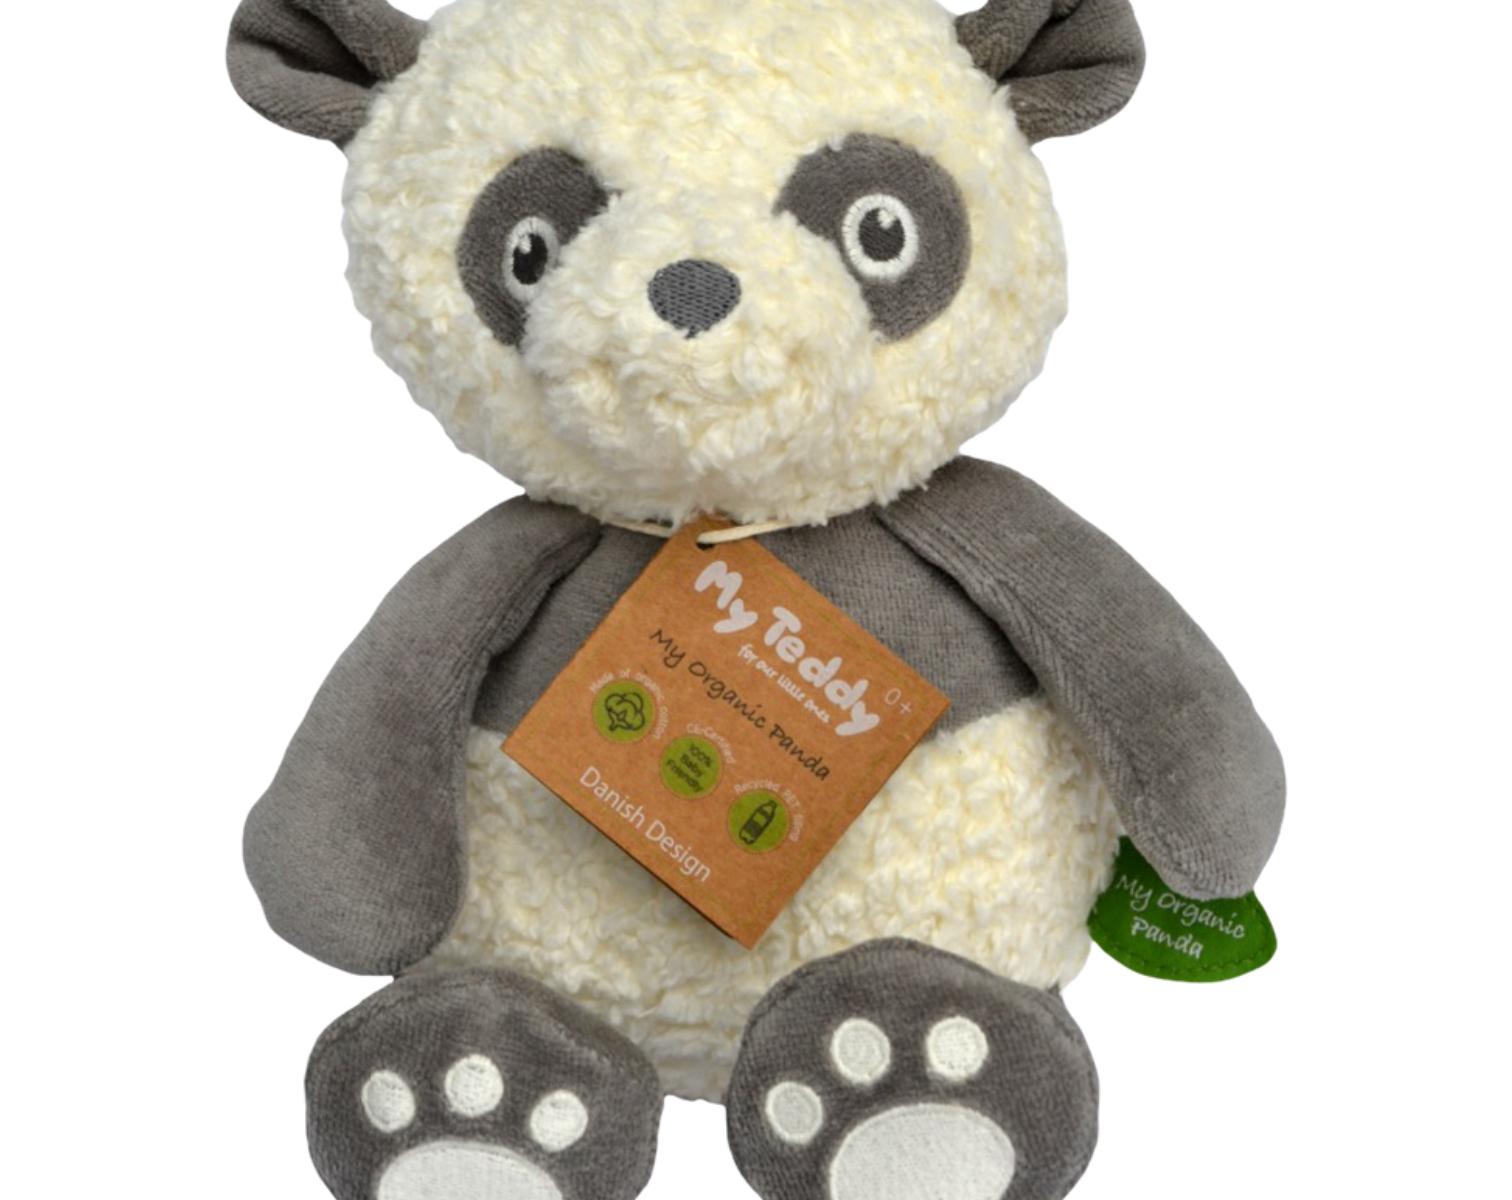 MY TEDDY PANTA BAMSE 58451020